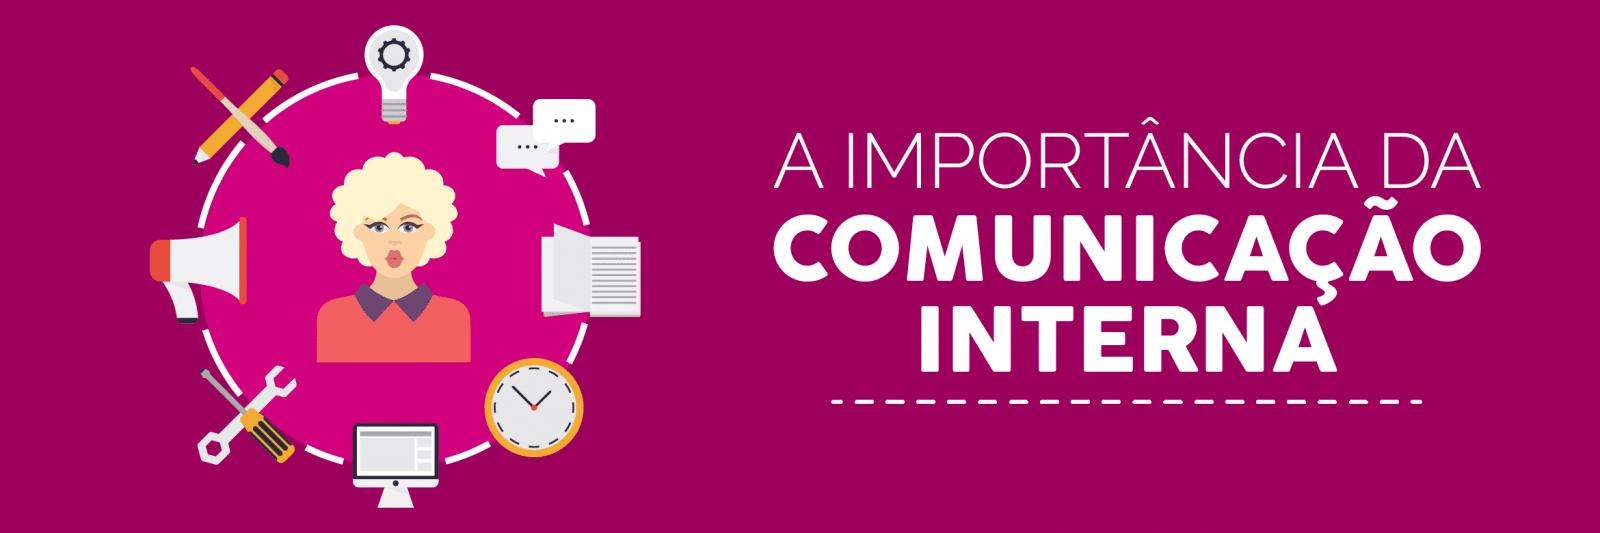 a importância da comunicação interna